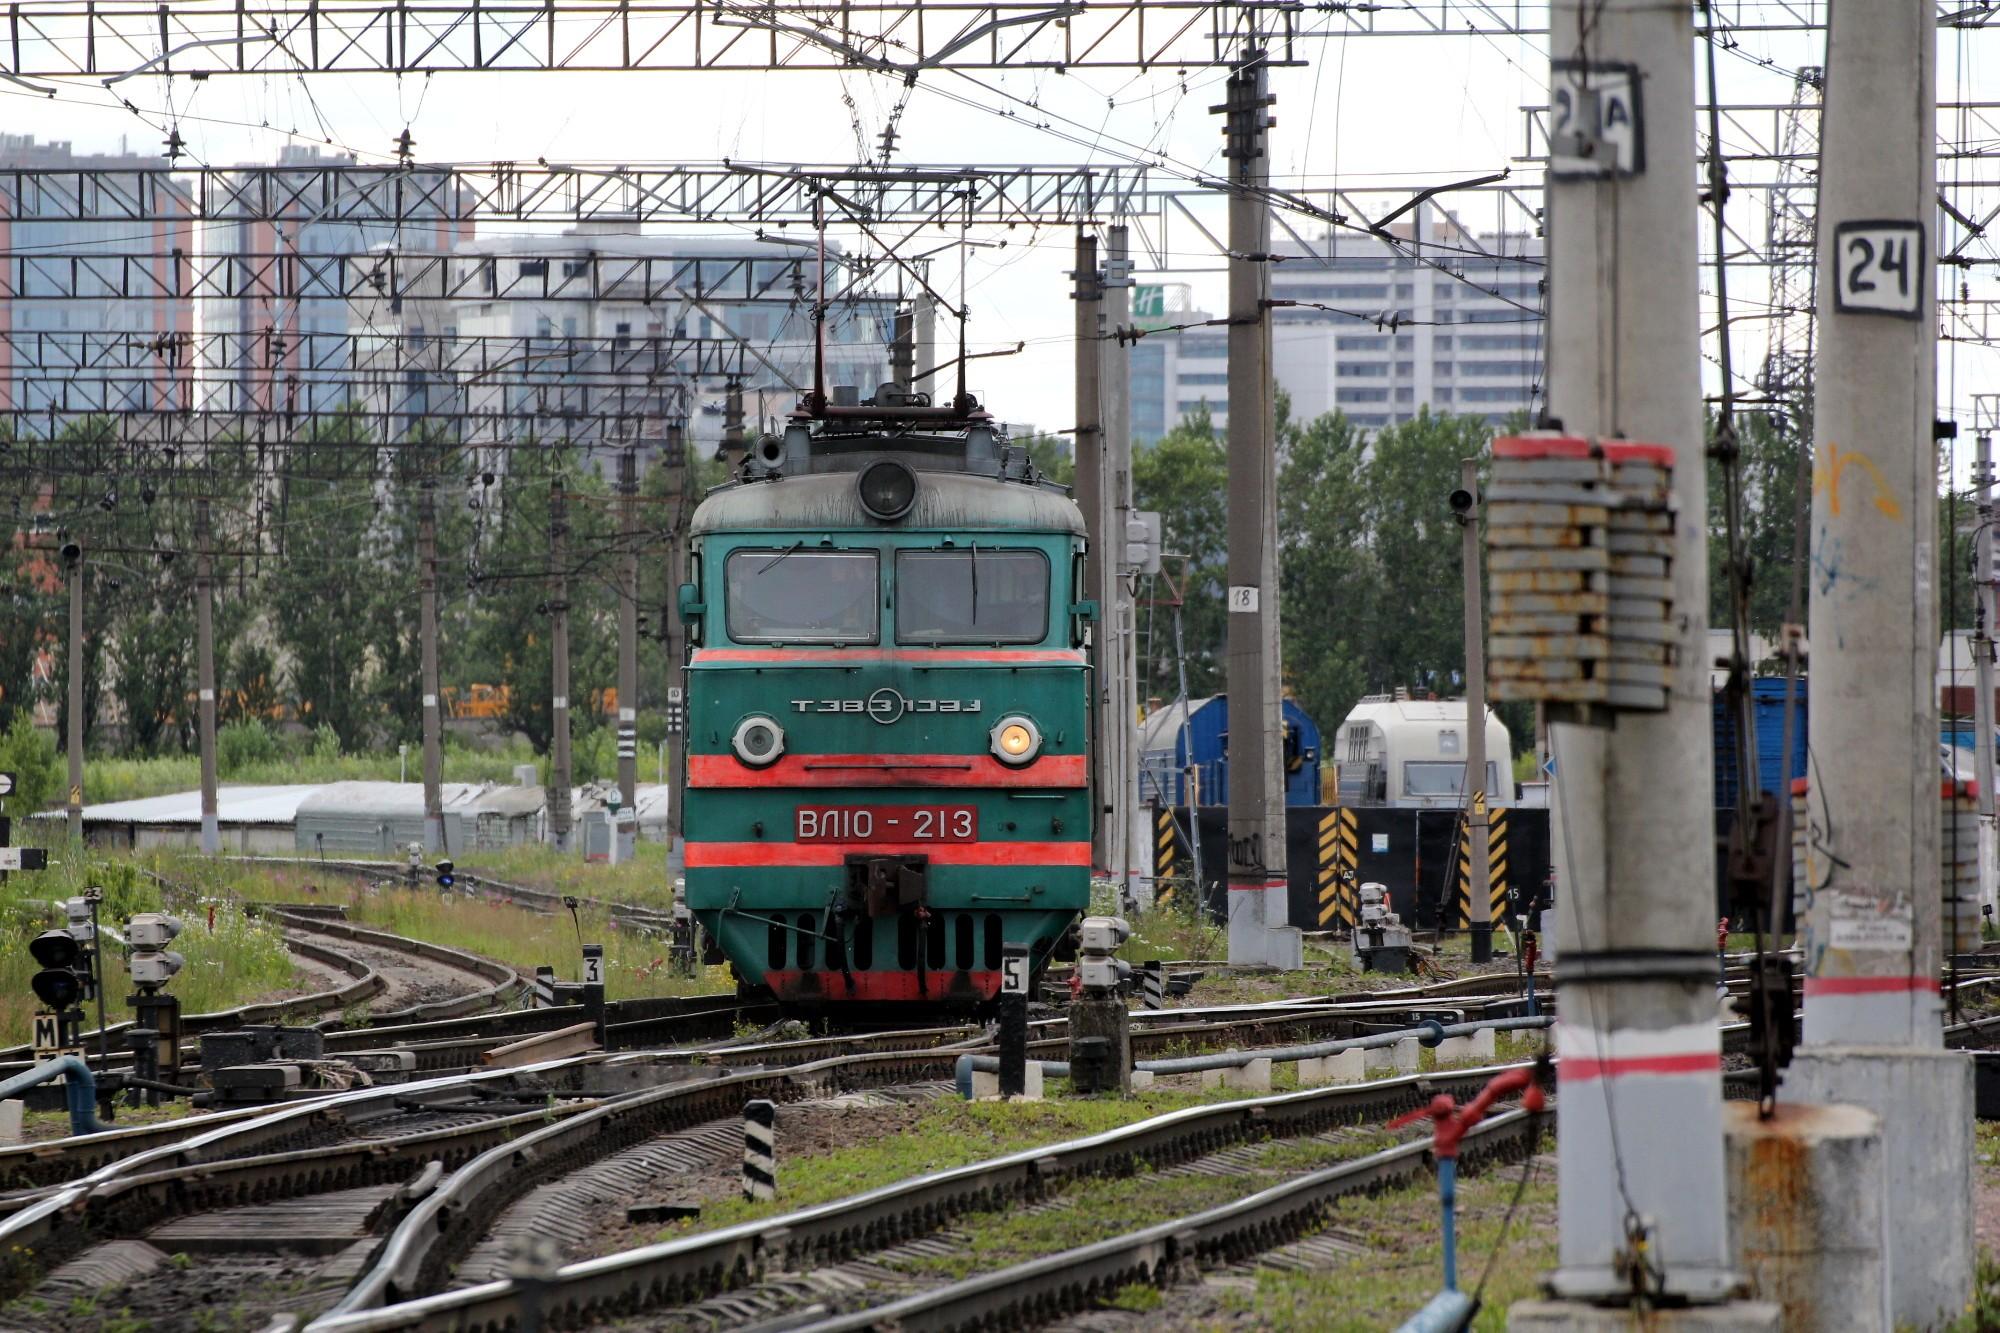 железнодорожная станция волковская железная дорога локомотив электровоз